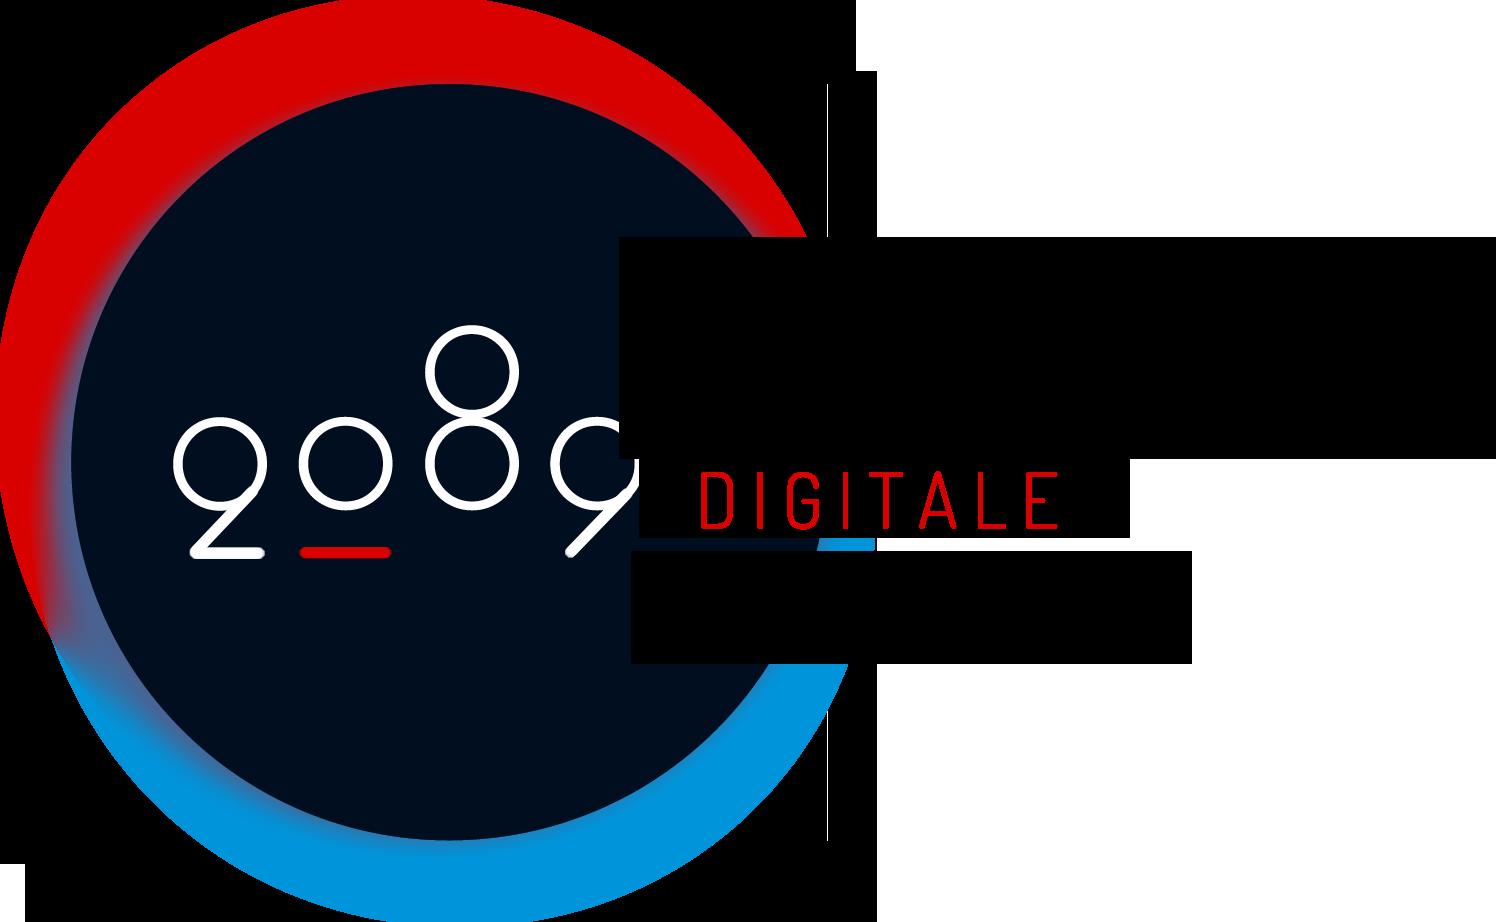 Ecole digitale 2089